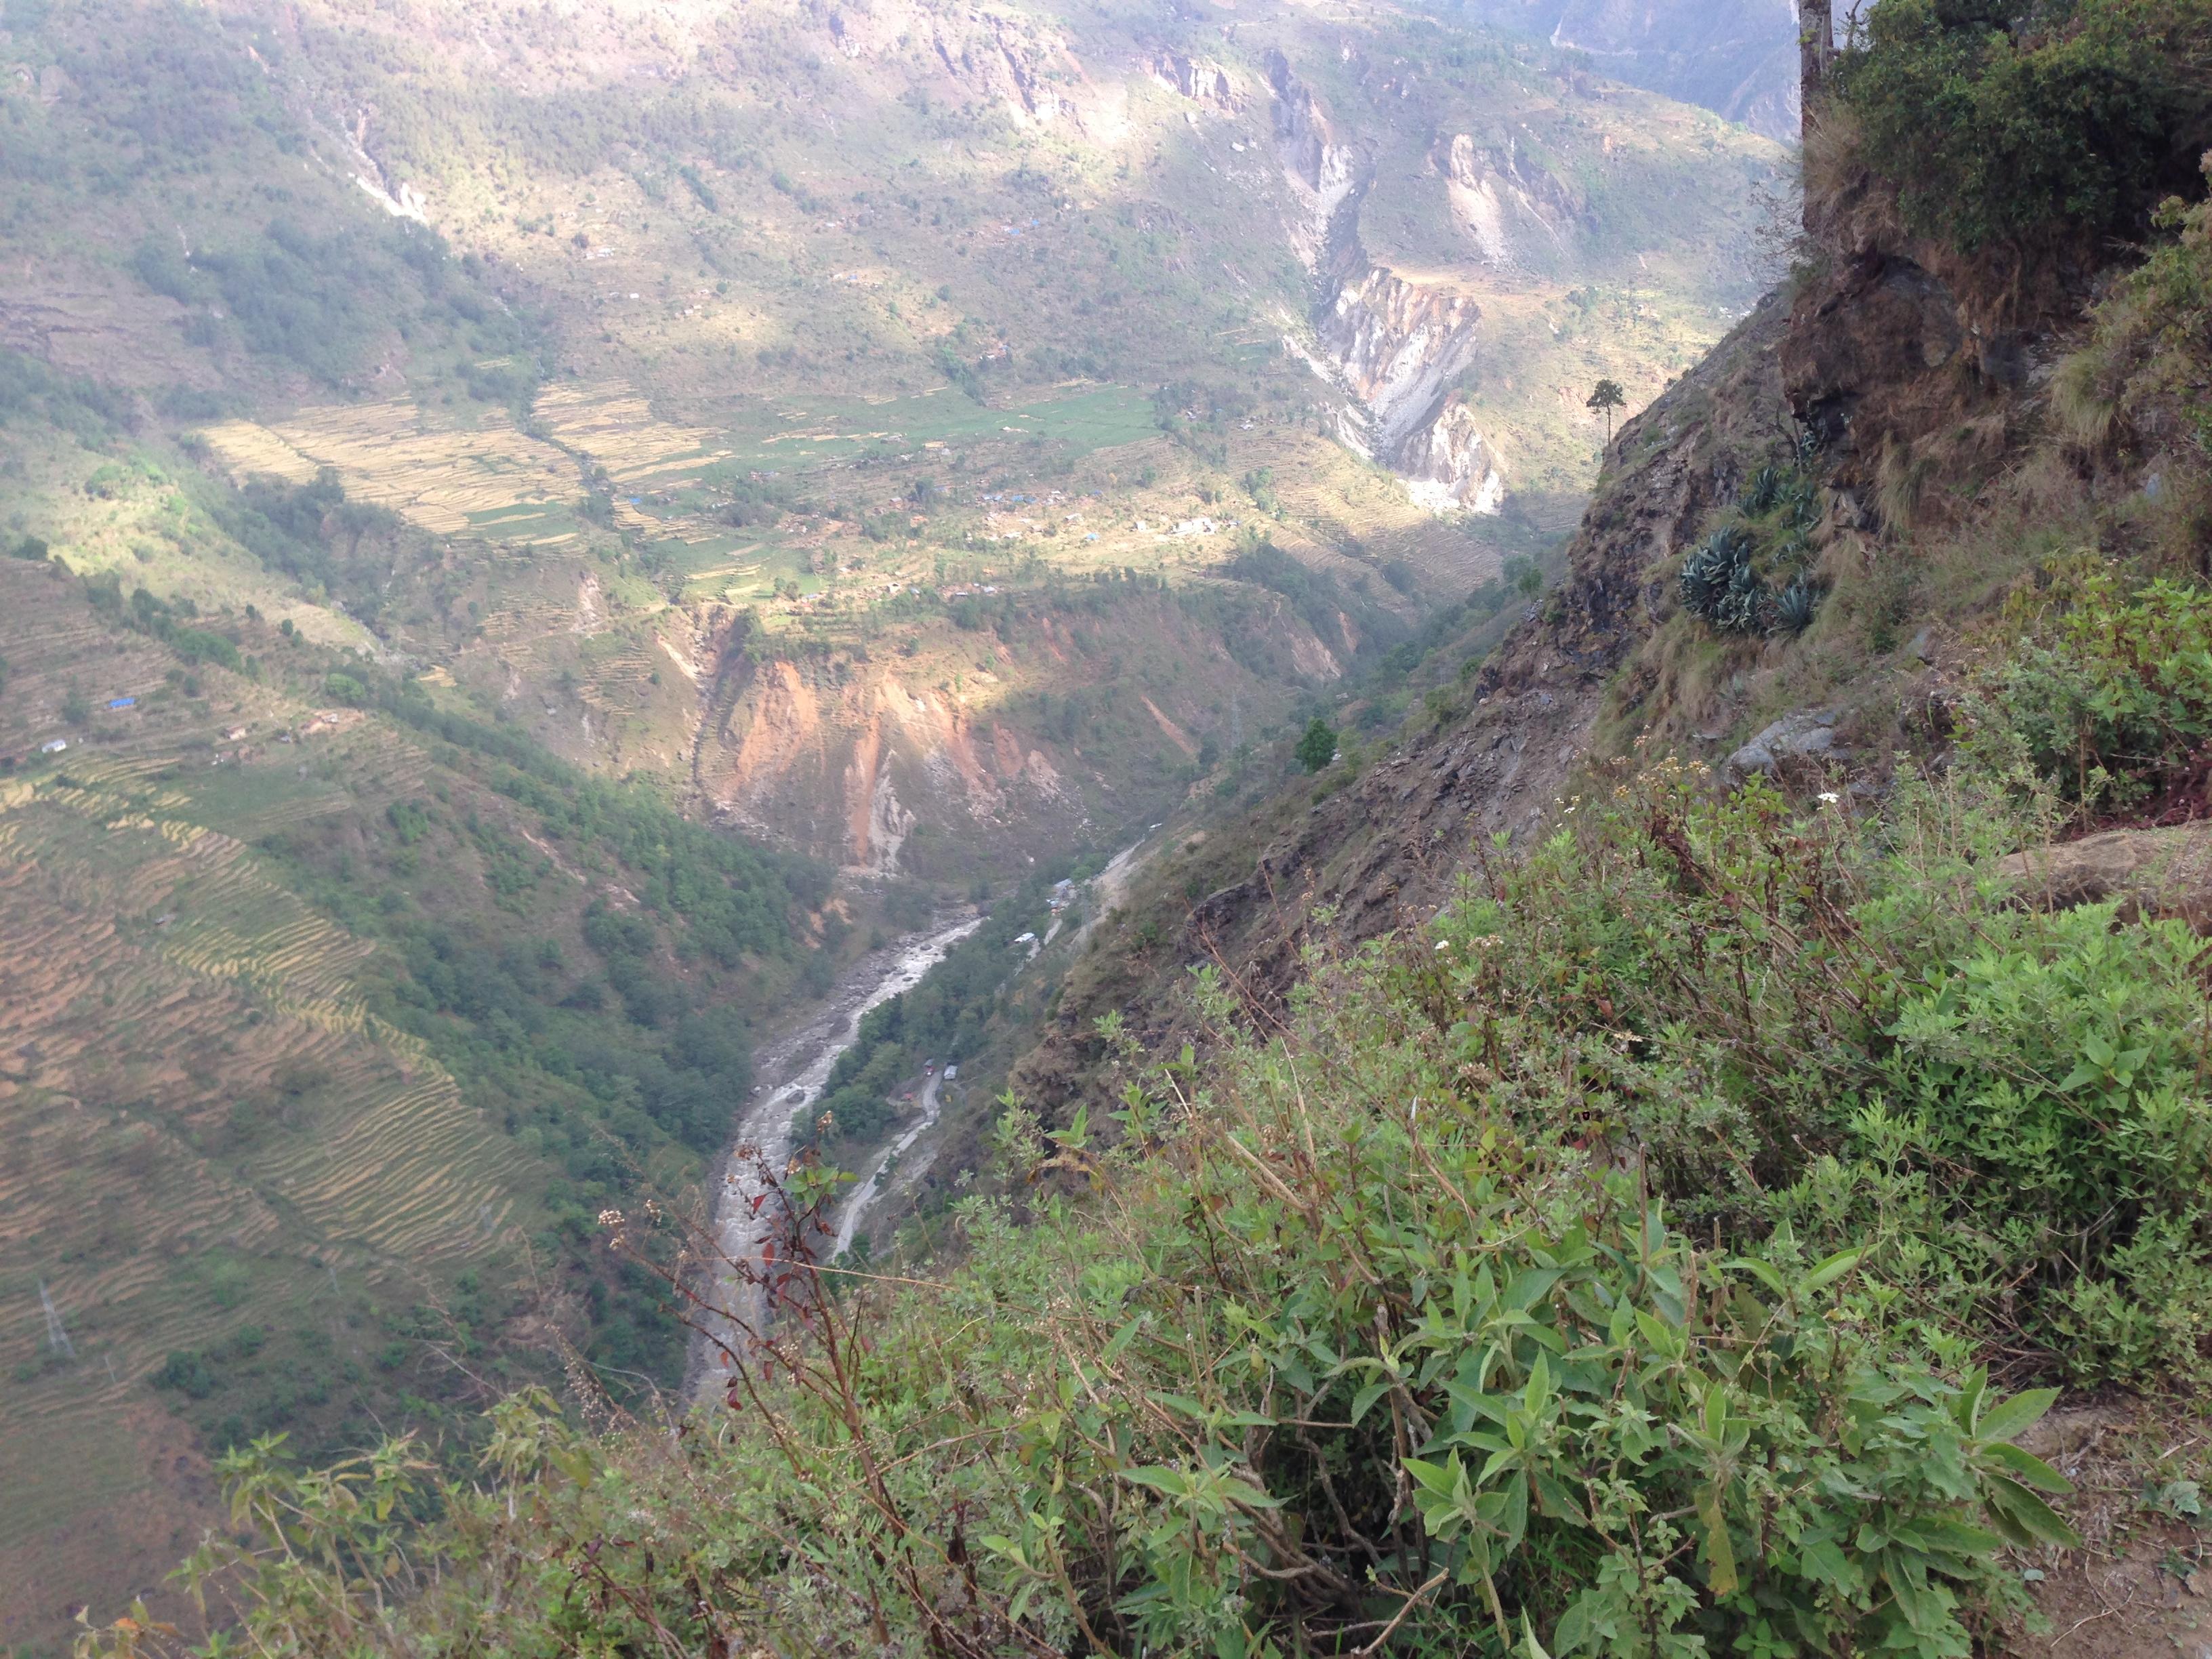 10-cao nguyên Nepal nhìn từ đường mòn - 1